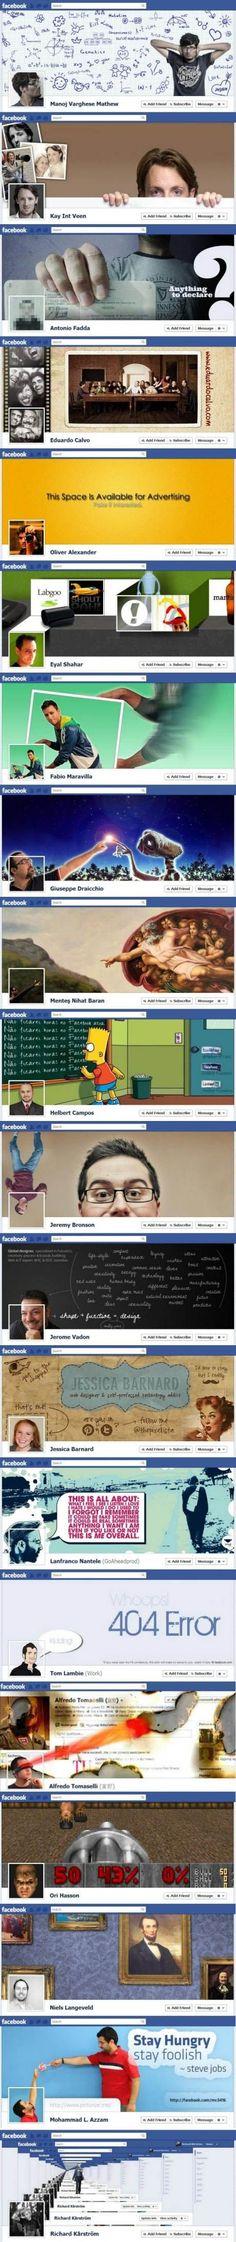 Facebook Titelbilder - schöne Ideen